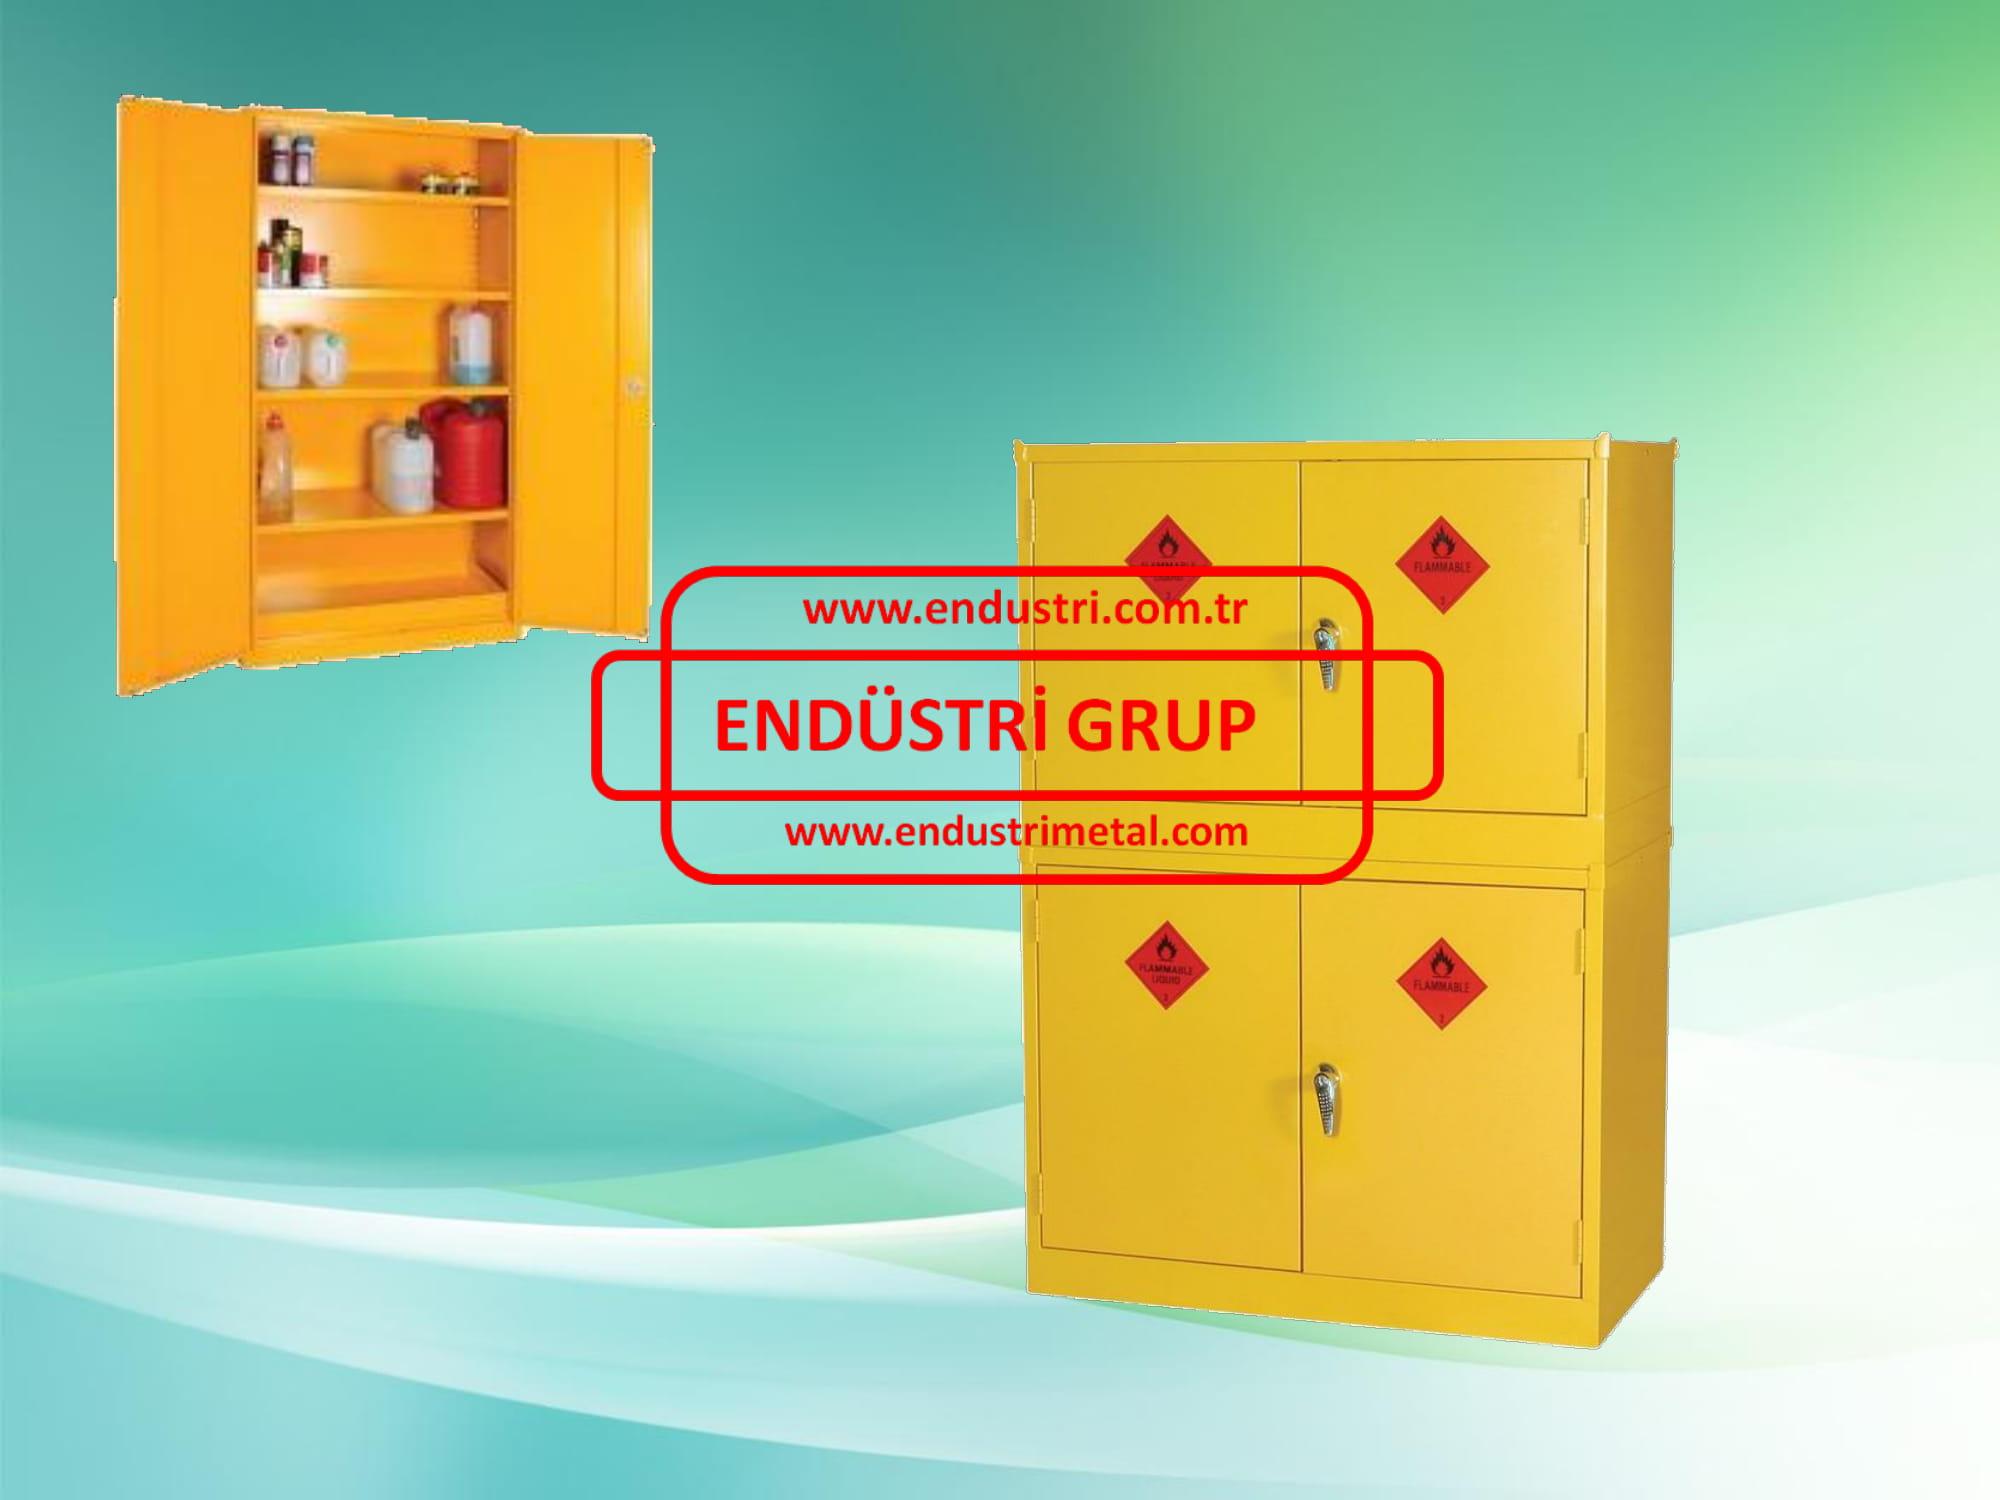 tehlikeli-kimyasal-yanici-zararli-madde-atik-malzeme-ilac-saklama-depolama-stoklama-biriktirme-dolabi-yanmaz-paslanmaz-dolaplar-imalati